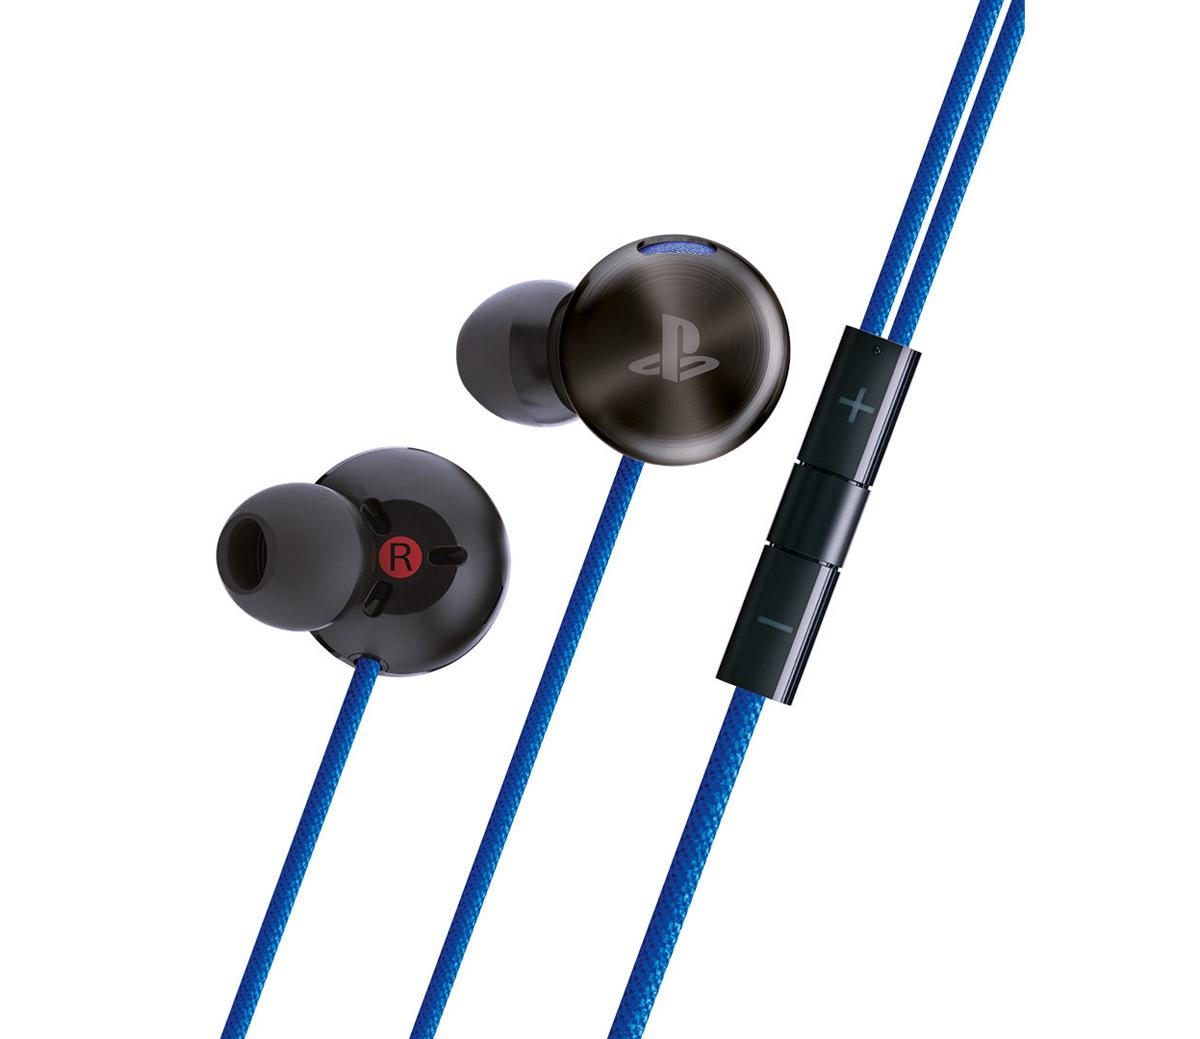 Стереогарнитура для PS4SLEH-00305Стереогарнитура для PS4 (с поддержкой PS3) подключается к контроллеру Dualshock 4. Она также совместима с PS Vita и большинством смартфонов и планшетов.Слушайте с легкостью, используя активную шумоподавляющую технологию AudioShield, которая обеспечивает высочайшее качество звука, блокируя нежелательный фоновый шум. Функция шумоподавления работает от аккумулятора пятнадцать часов без подзарядки, а это означает, что вы можете играть дольше без помех.